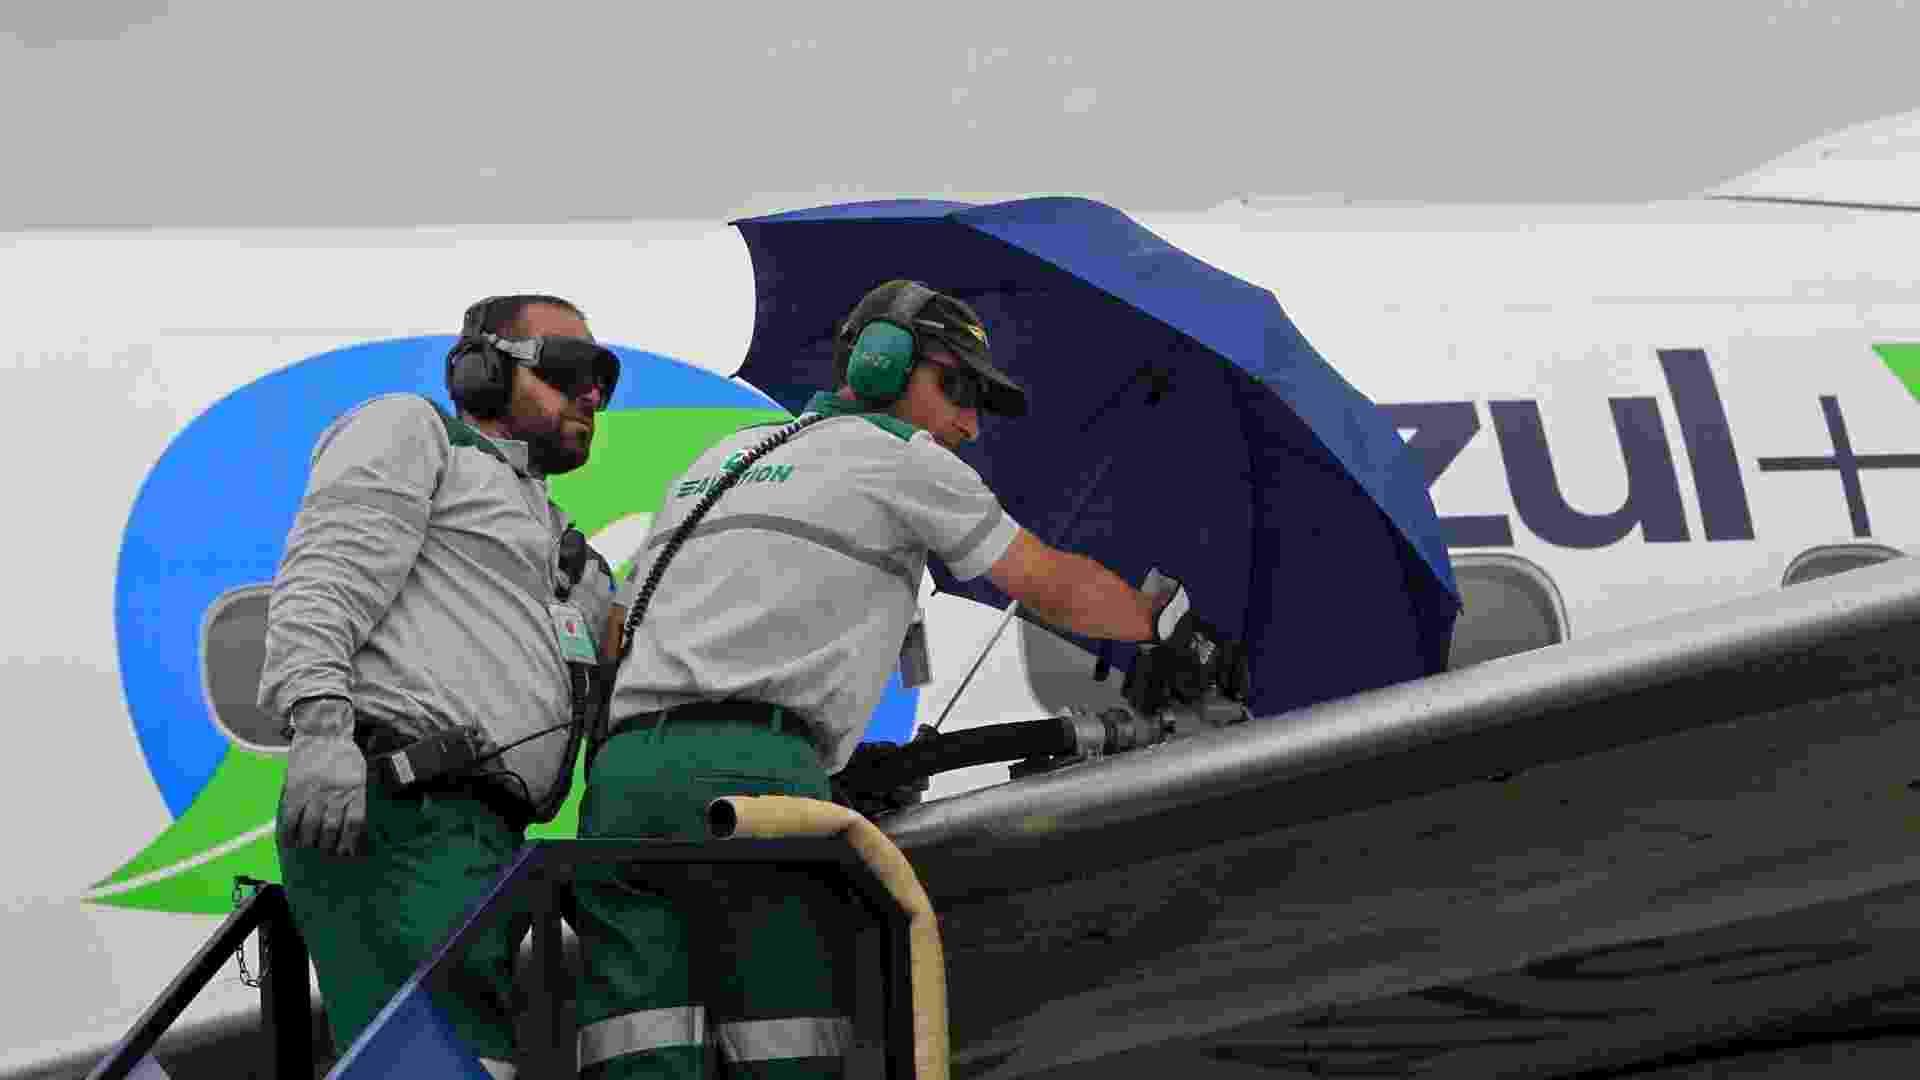 """O combustível renovável usado pela Azul é feito a base de cana-de-açúcar e foi criado pela empresa Amyris. O projeto """"Azul+Verde"""" foi desenvolvido, ainda, em parceria com a fabricante de motores de aviação GE e a Embraer - Leandro Moraes/UOL"""